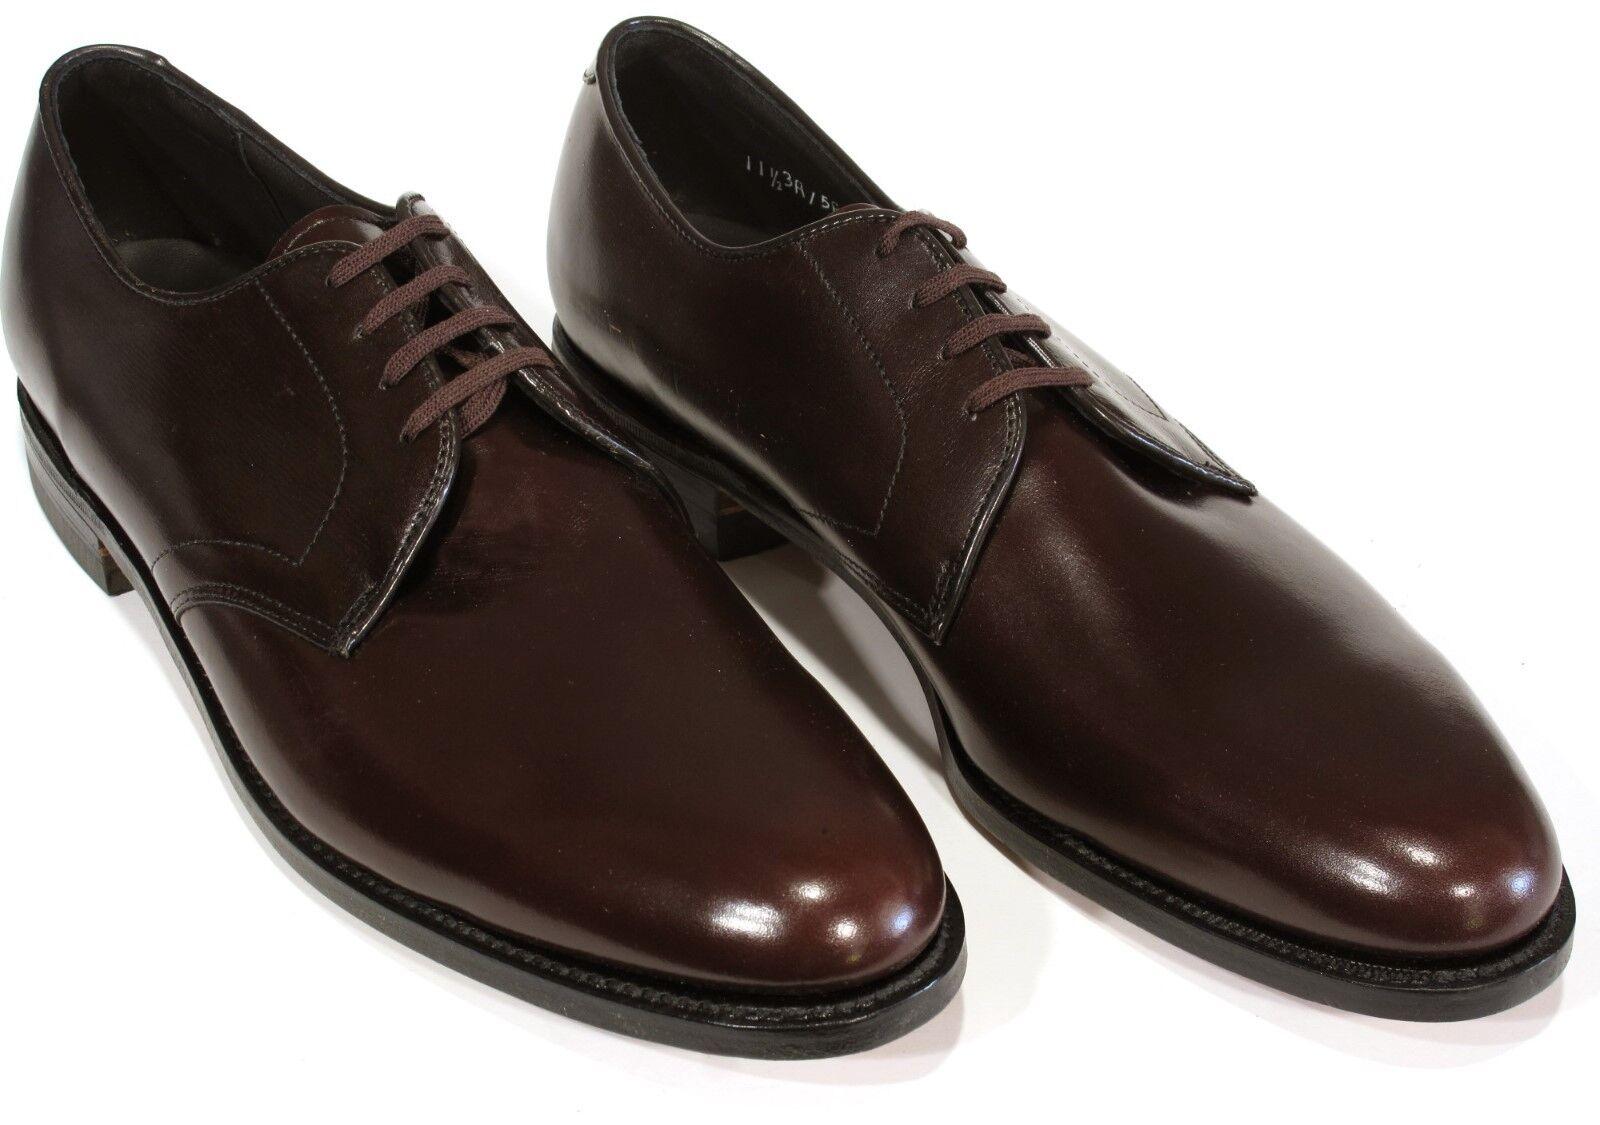 New Vtg E T WRIGHT Masterpiece Shoes 11.5AAA Burgundy Plain Toe Arch Preserver Scarpe classiche da uomo